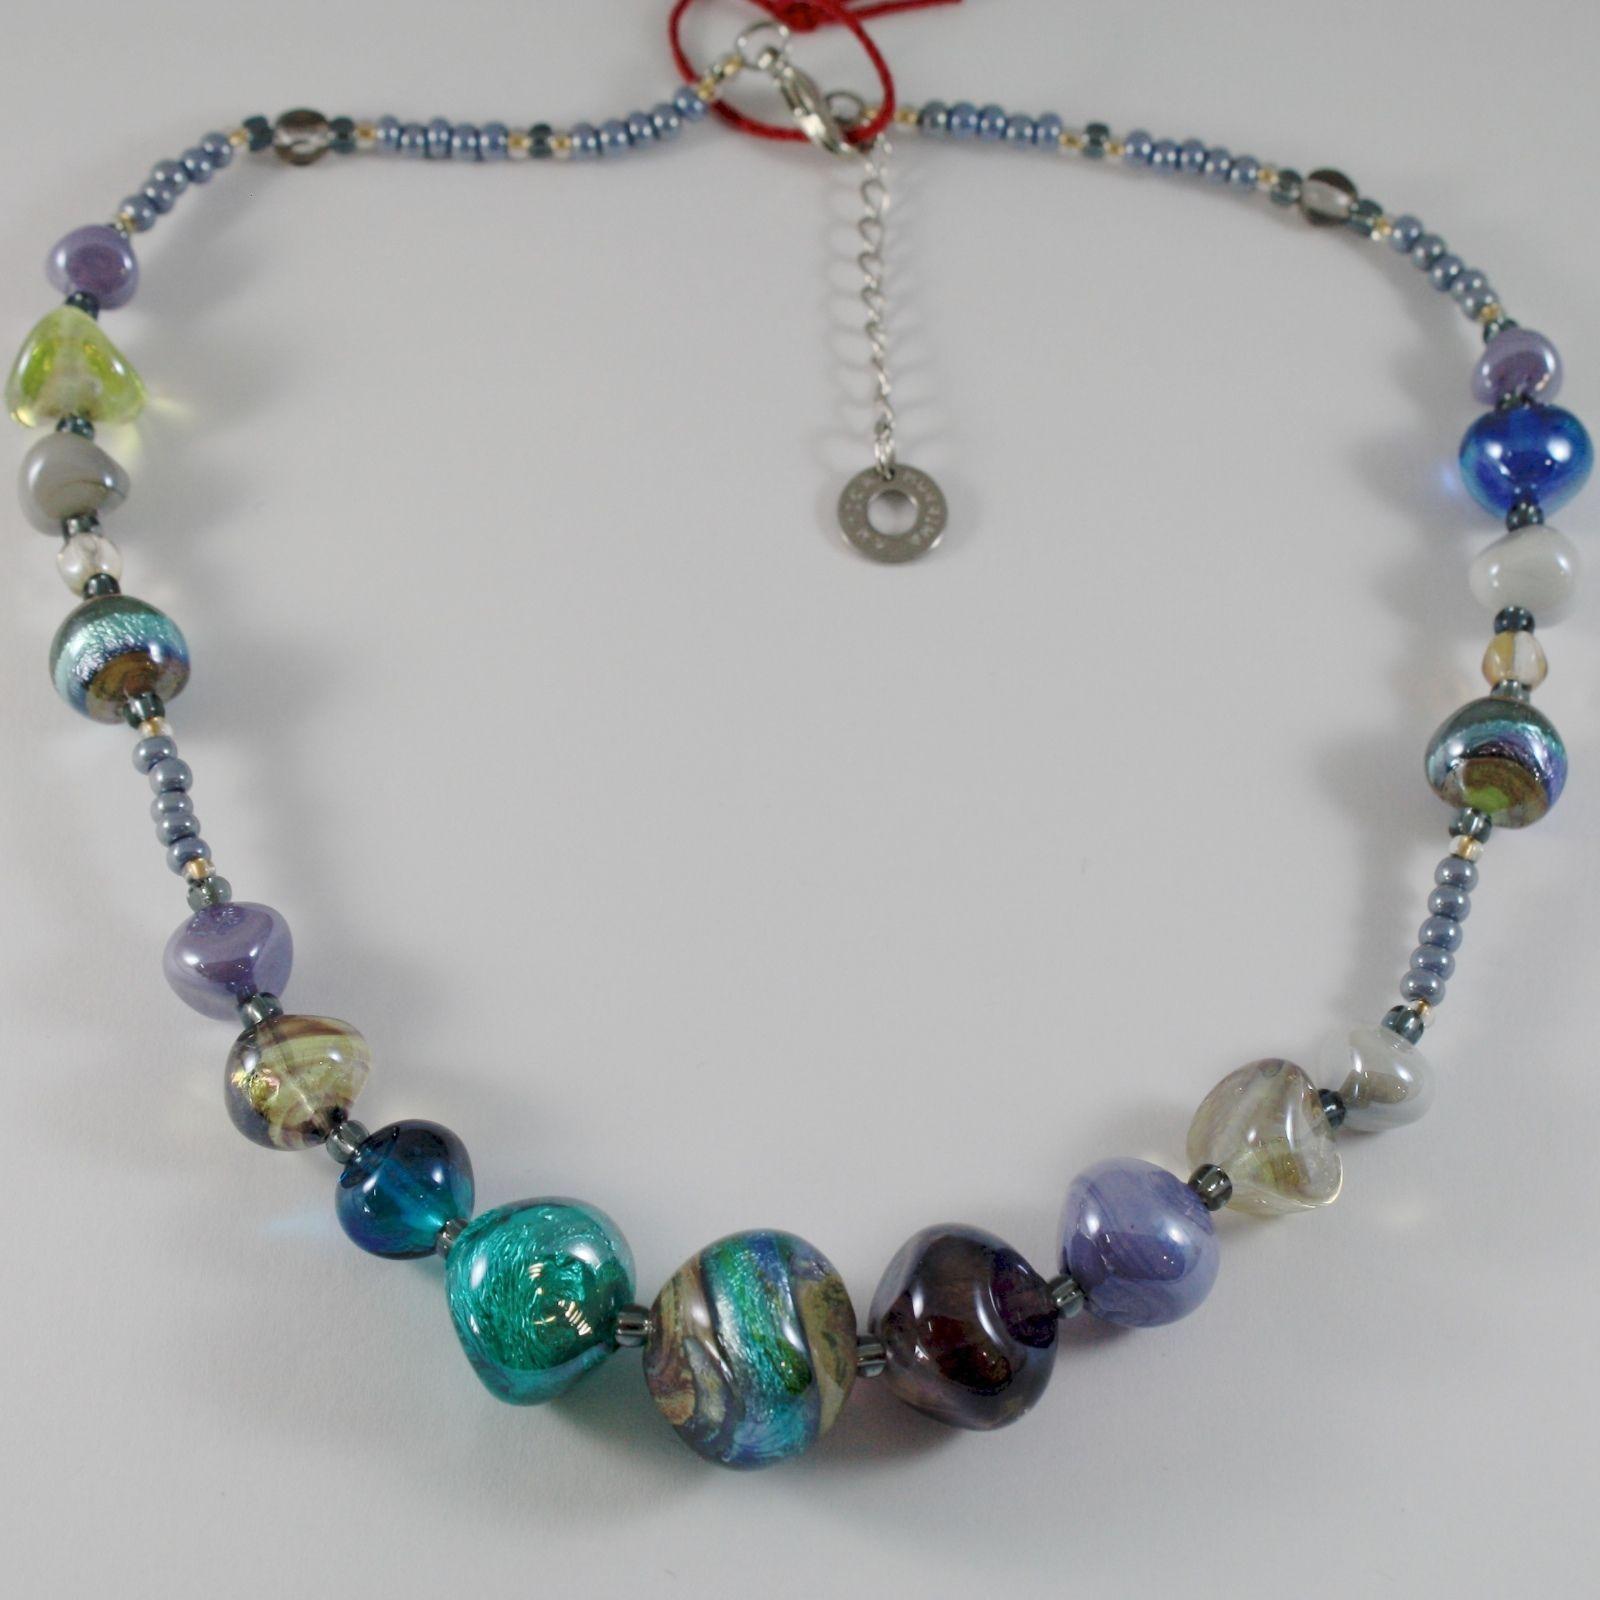 NECKLACE ANTICA MURRINA VENEZIA WITH MURANO GLASS BLUE PURPLE GREEN CO984A07